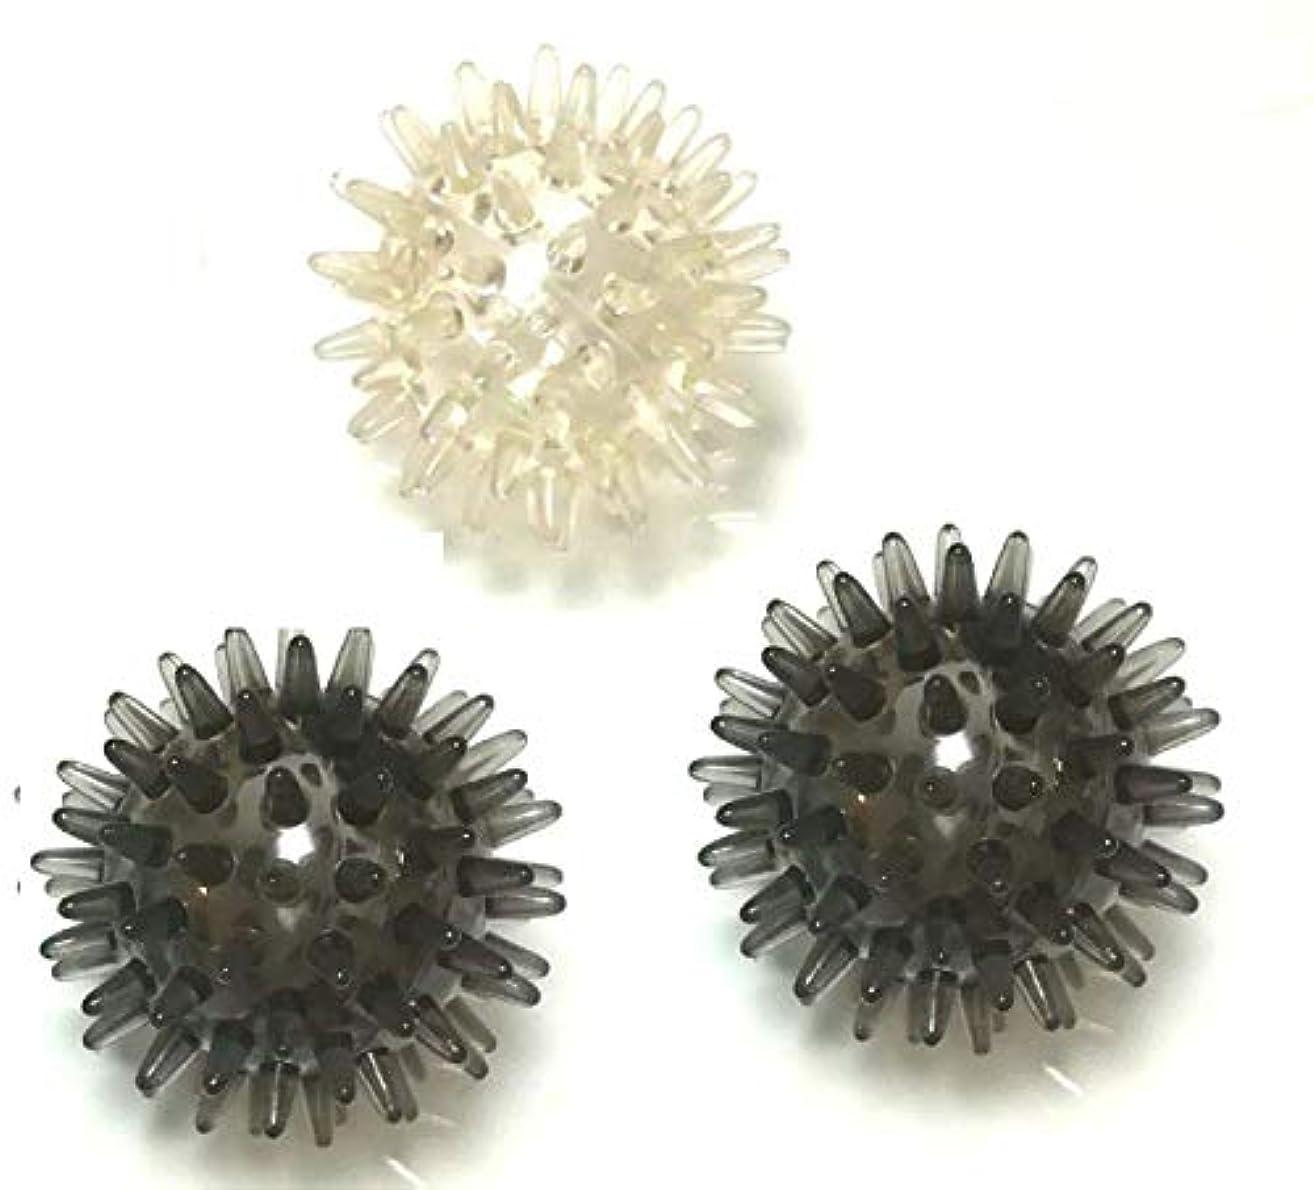 歯痛グリル買うトゲトゲ イガイガボール 硬め 3個 セット リハビリ , つぼ押し, マッサージ に 直径約8cm とげとげ ぼつぼつ BE&PK&YL